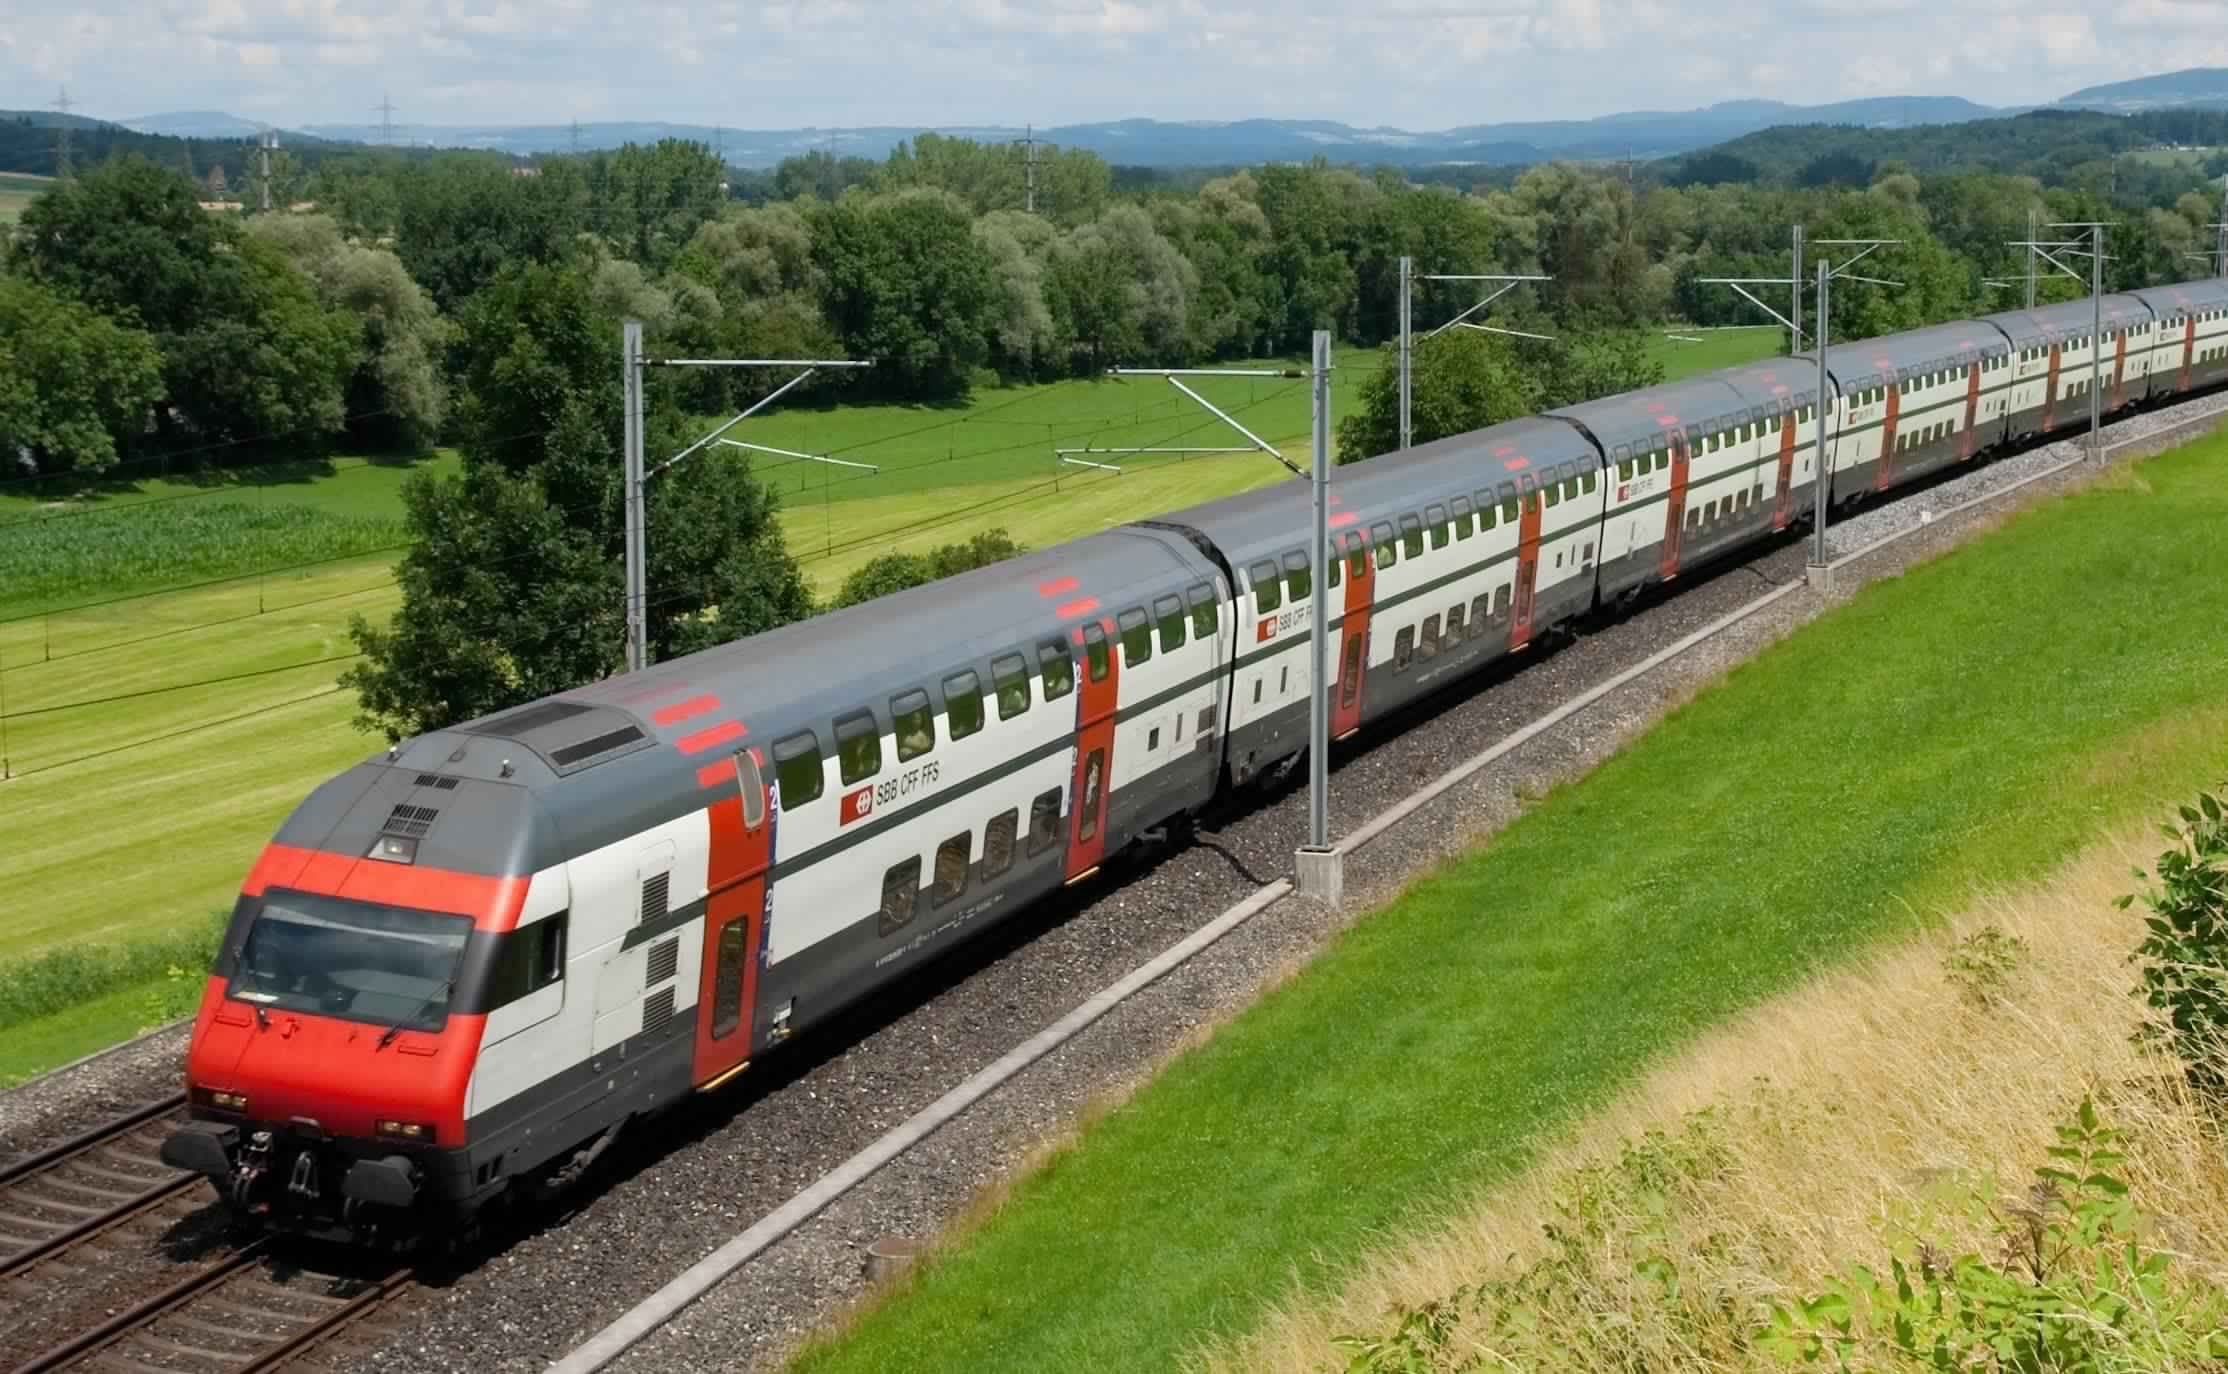 أول قطار عابر للقارات يربط لندن بطوكيو بطول 8 آلاف ميل